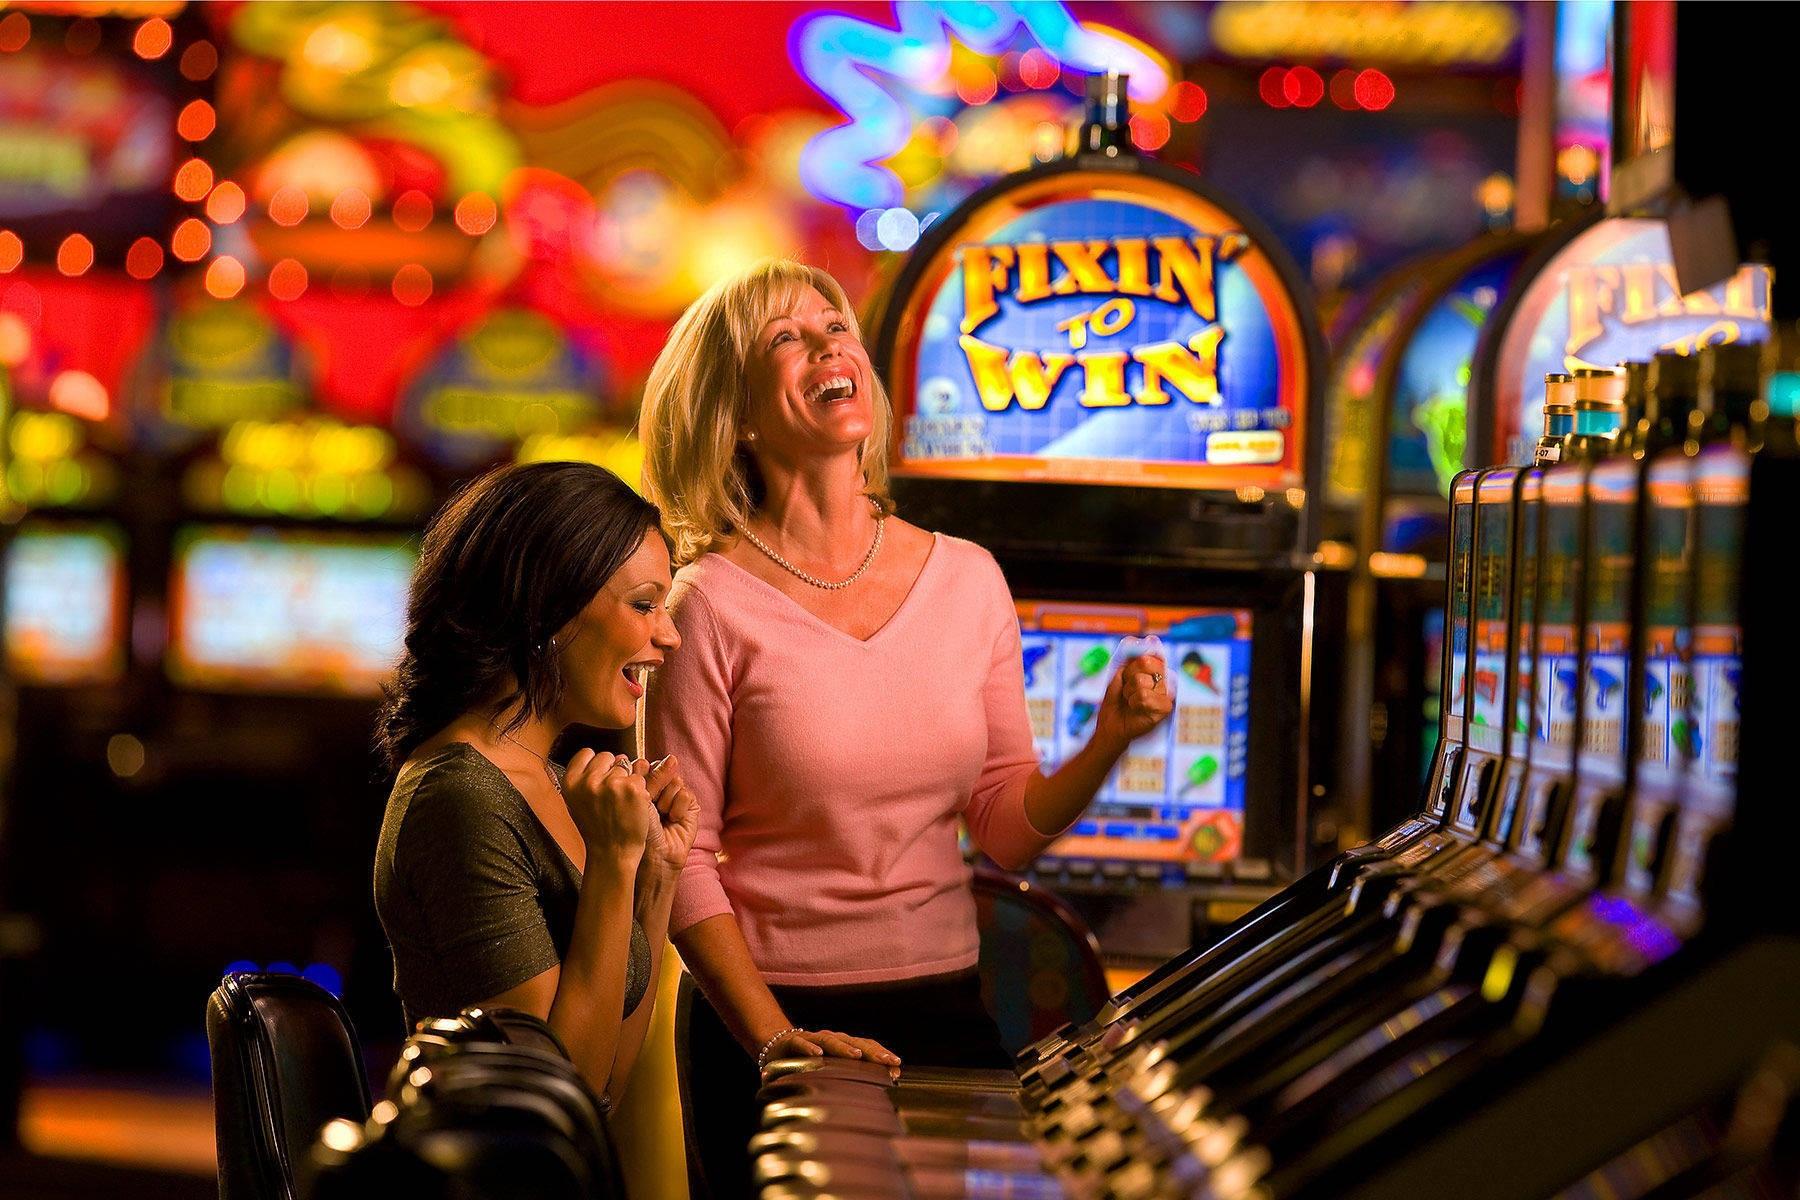 Технологического решение казино игровые автоматы на голоса вконтакте